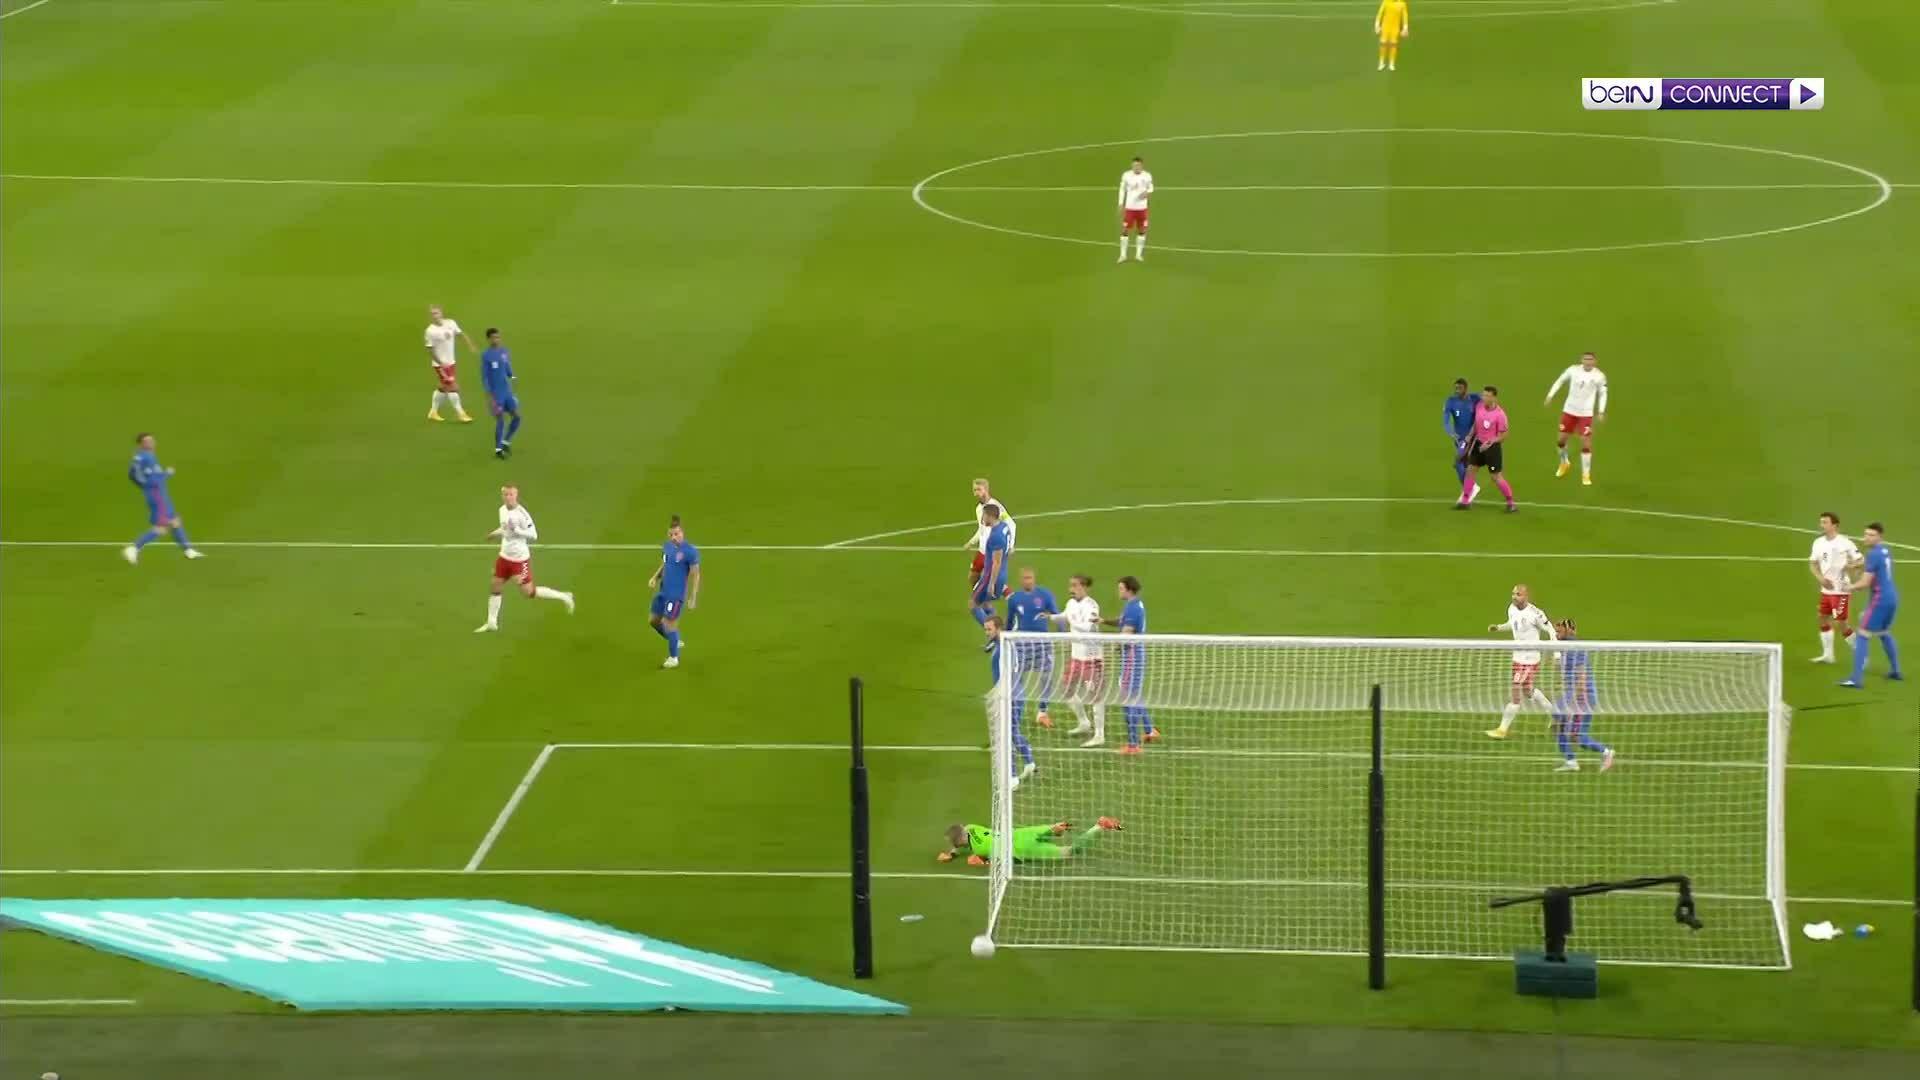 Anh 0-1 Đan Mạch